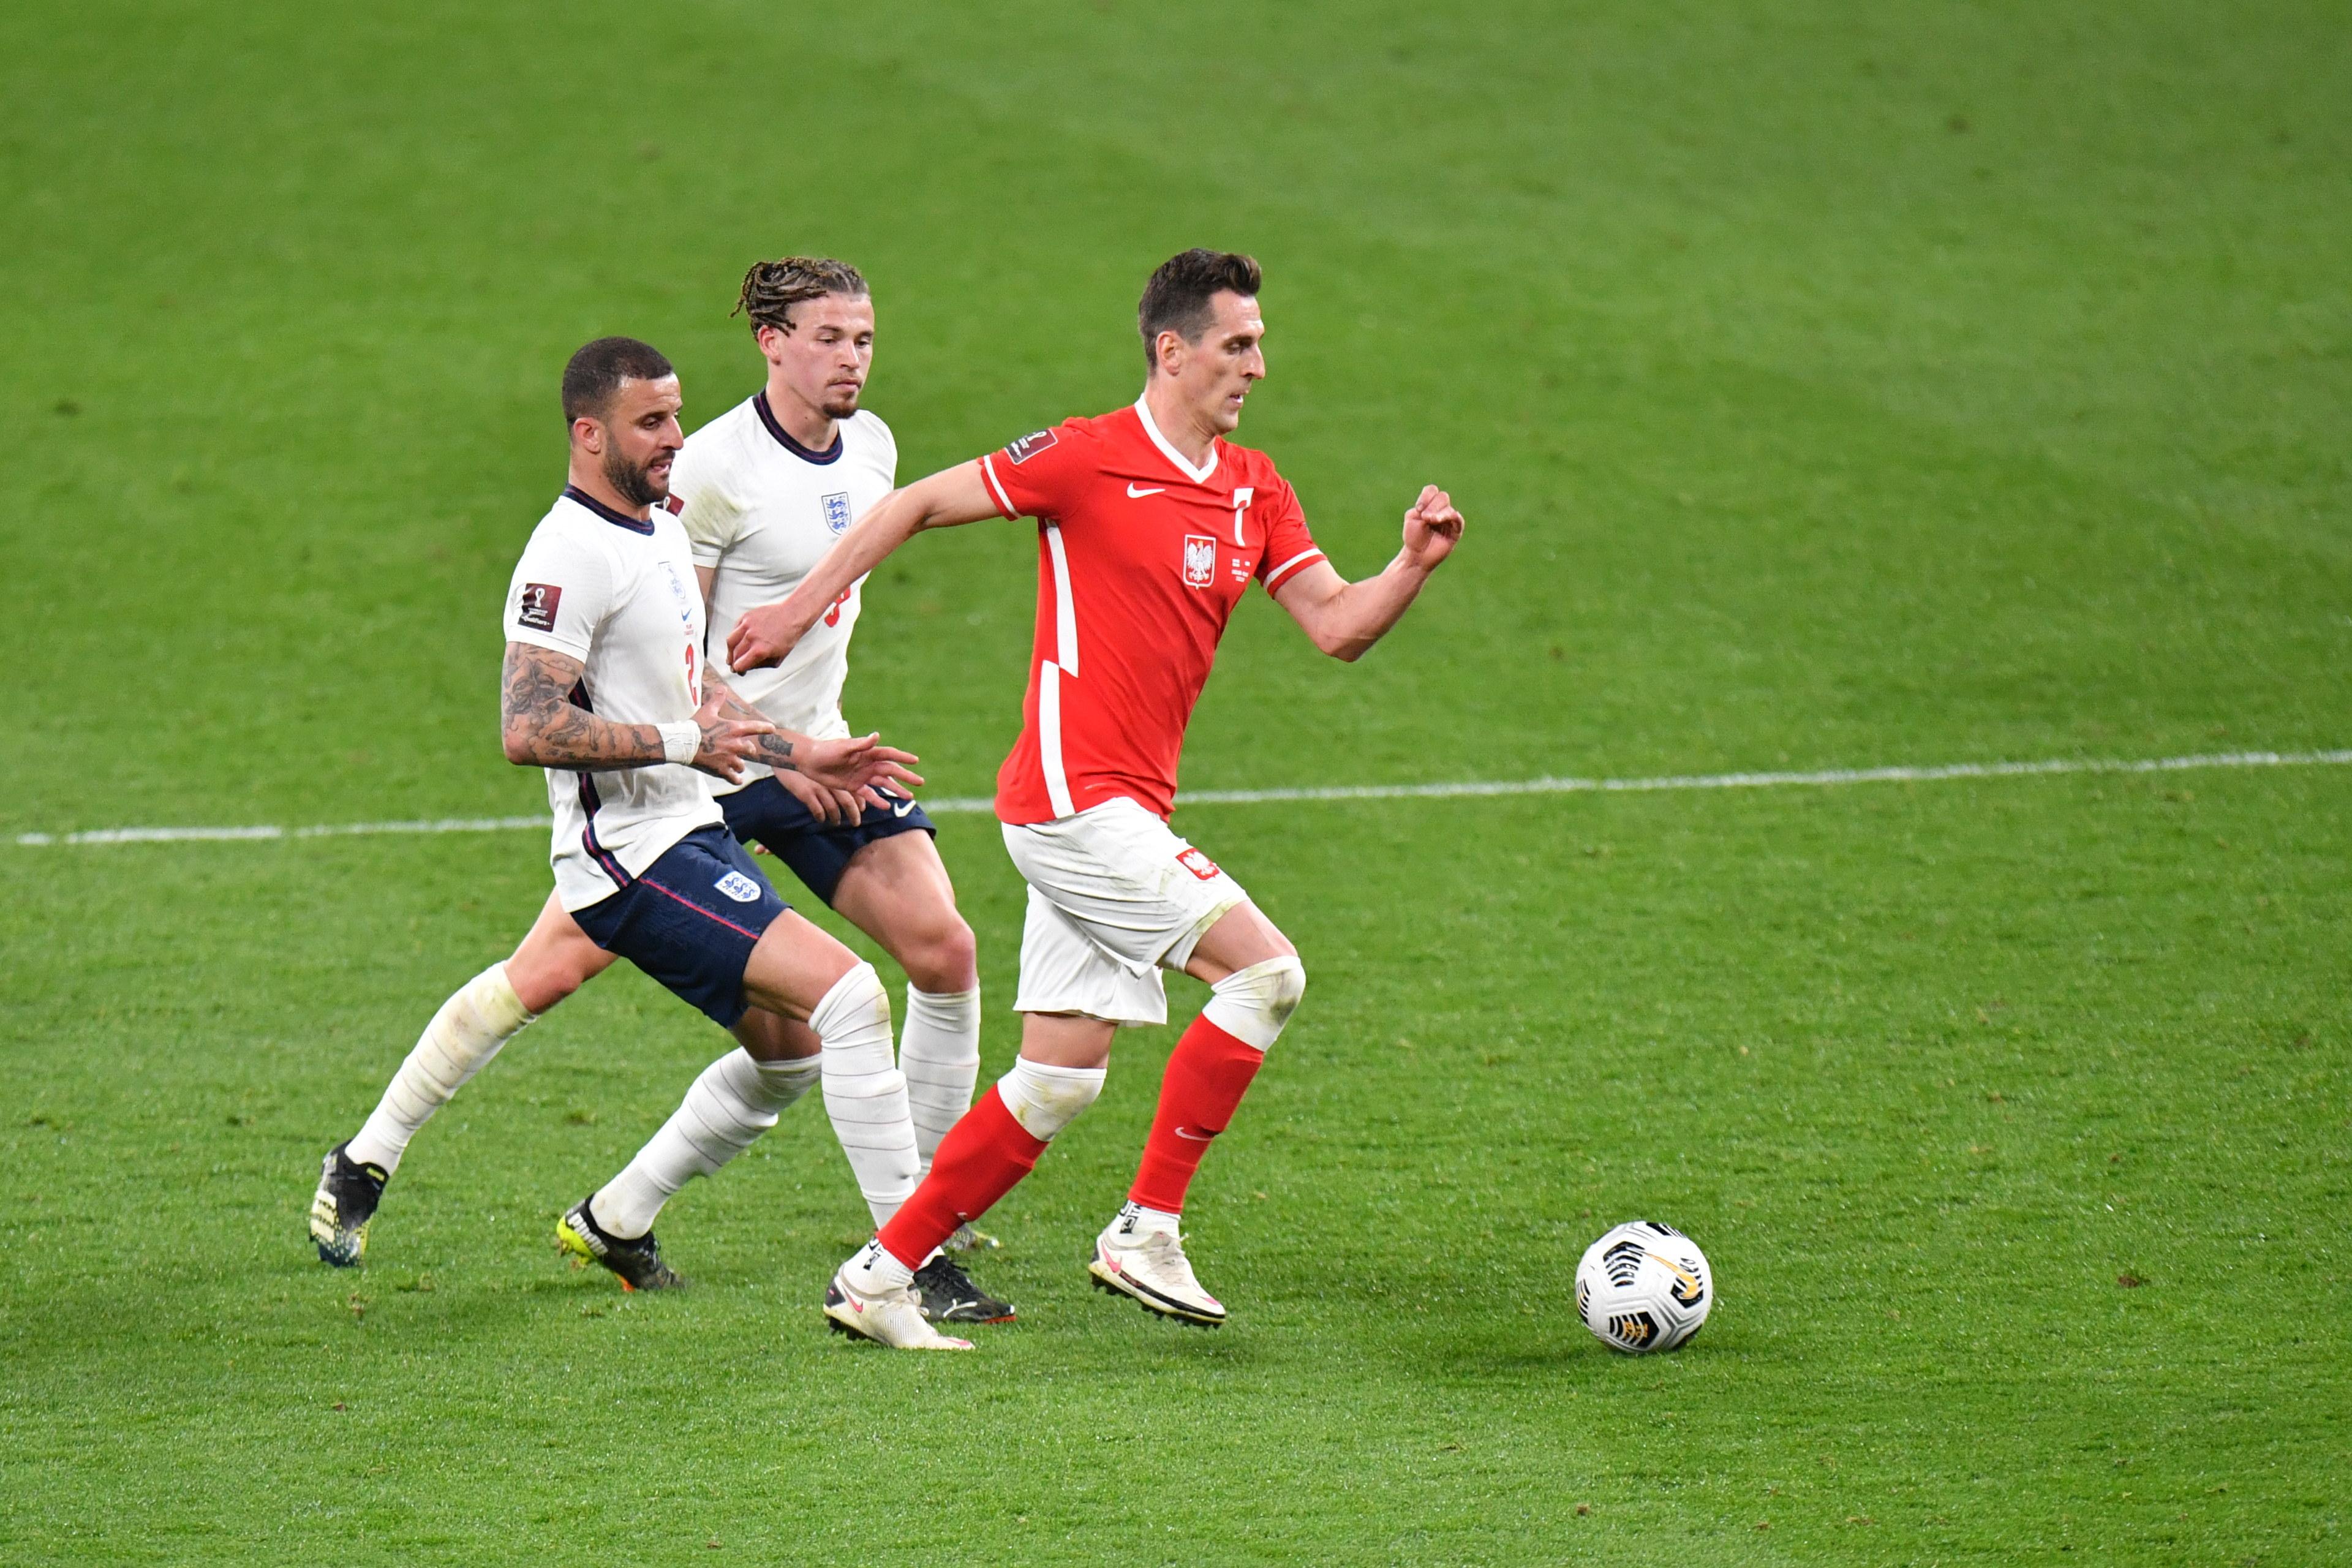 Pilka nozna. Eliminacje do MS 2022. Anglia - Polska. 31.03.2021